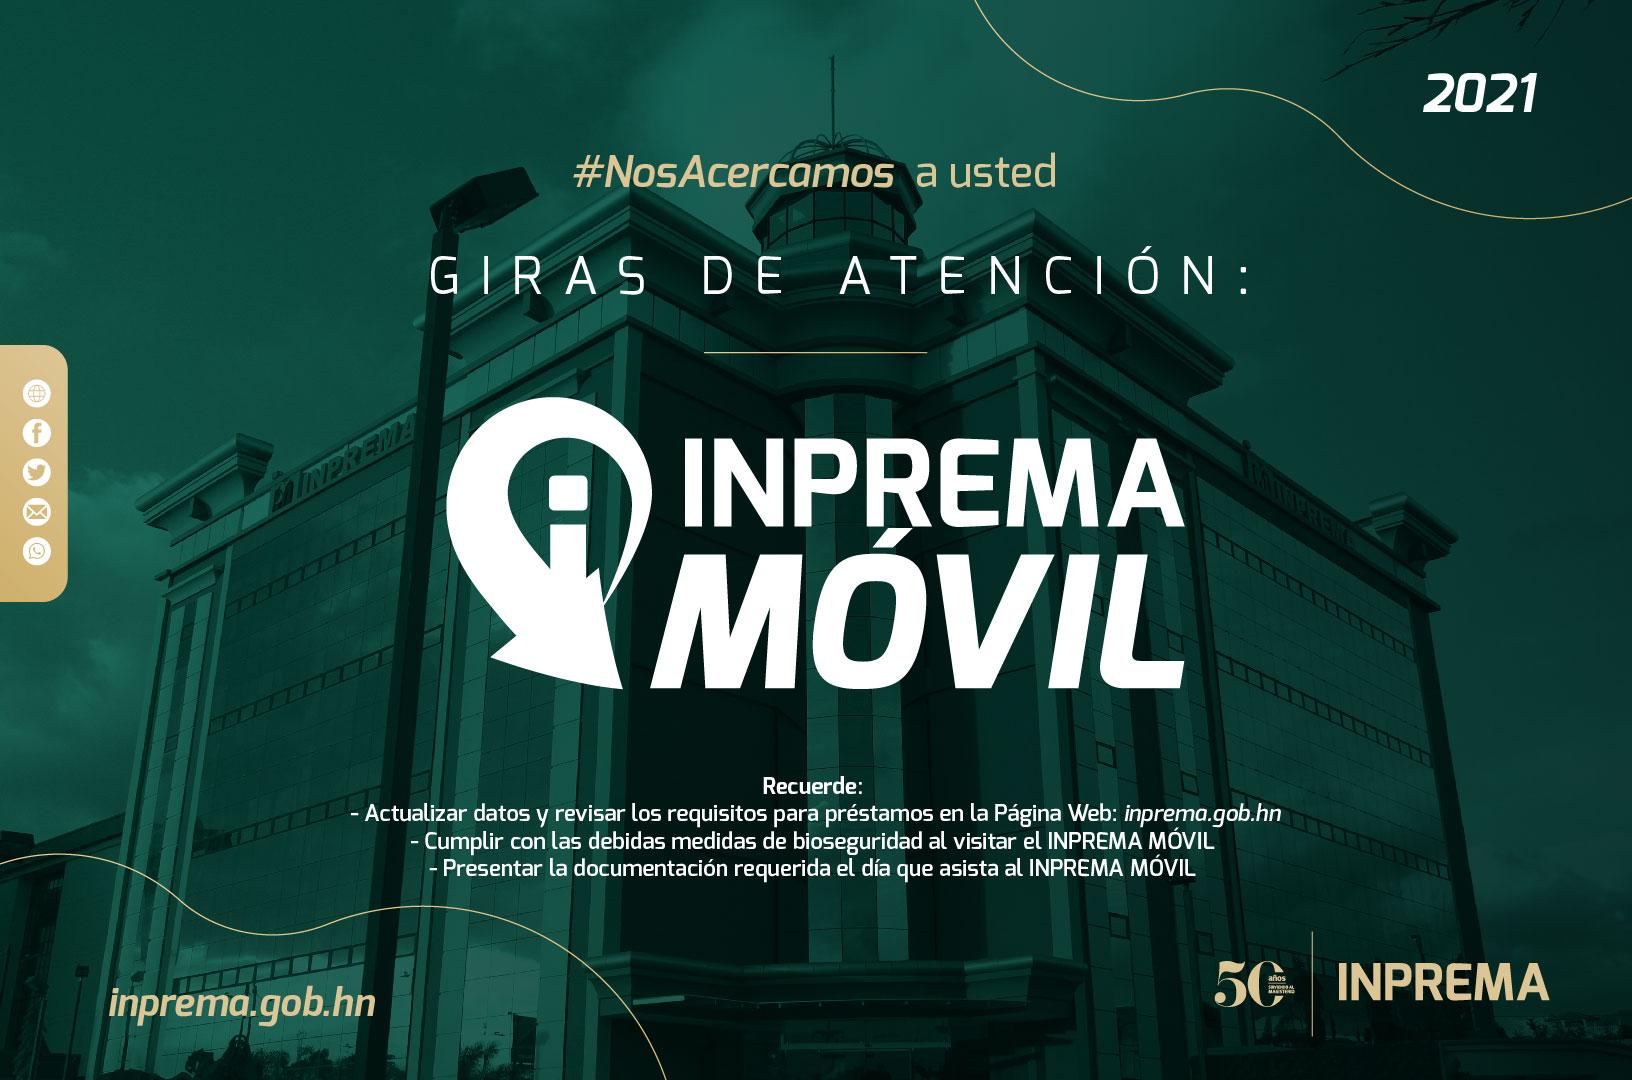 Horarios Lugares giras INPREMA Móvil_1